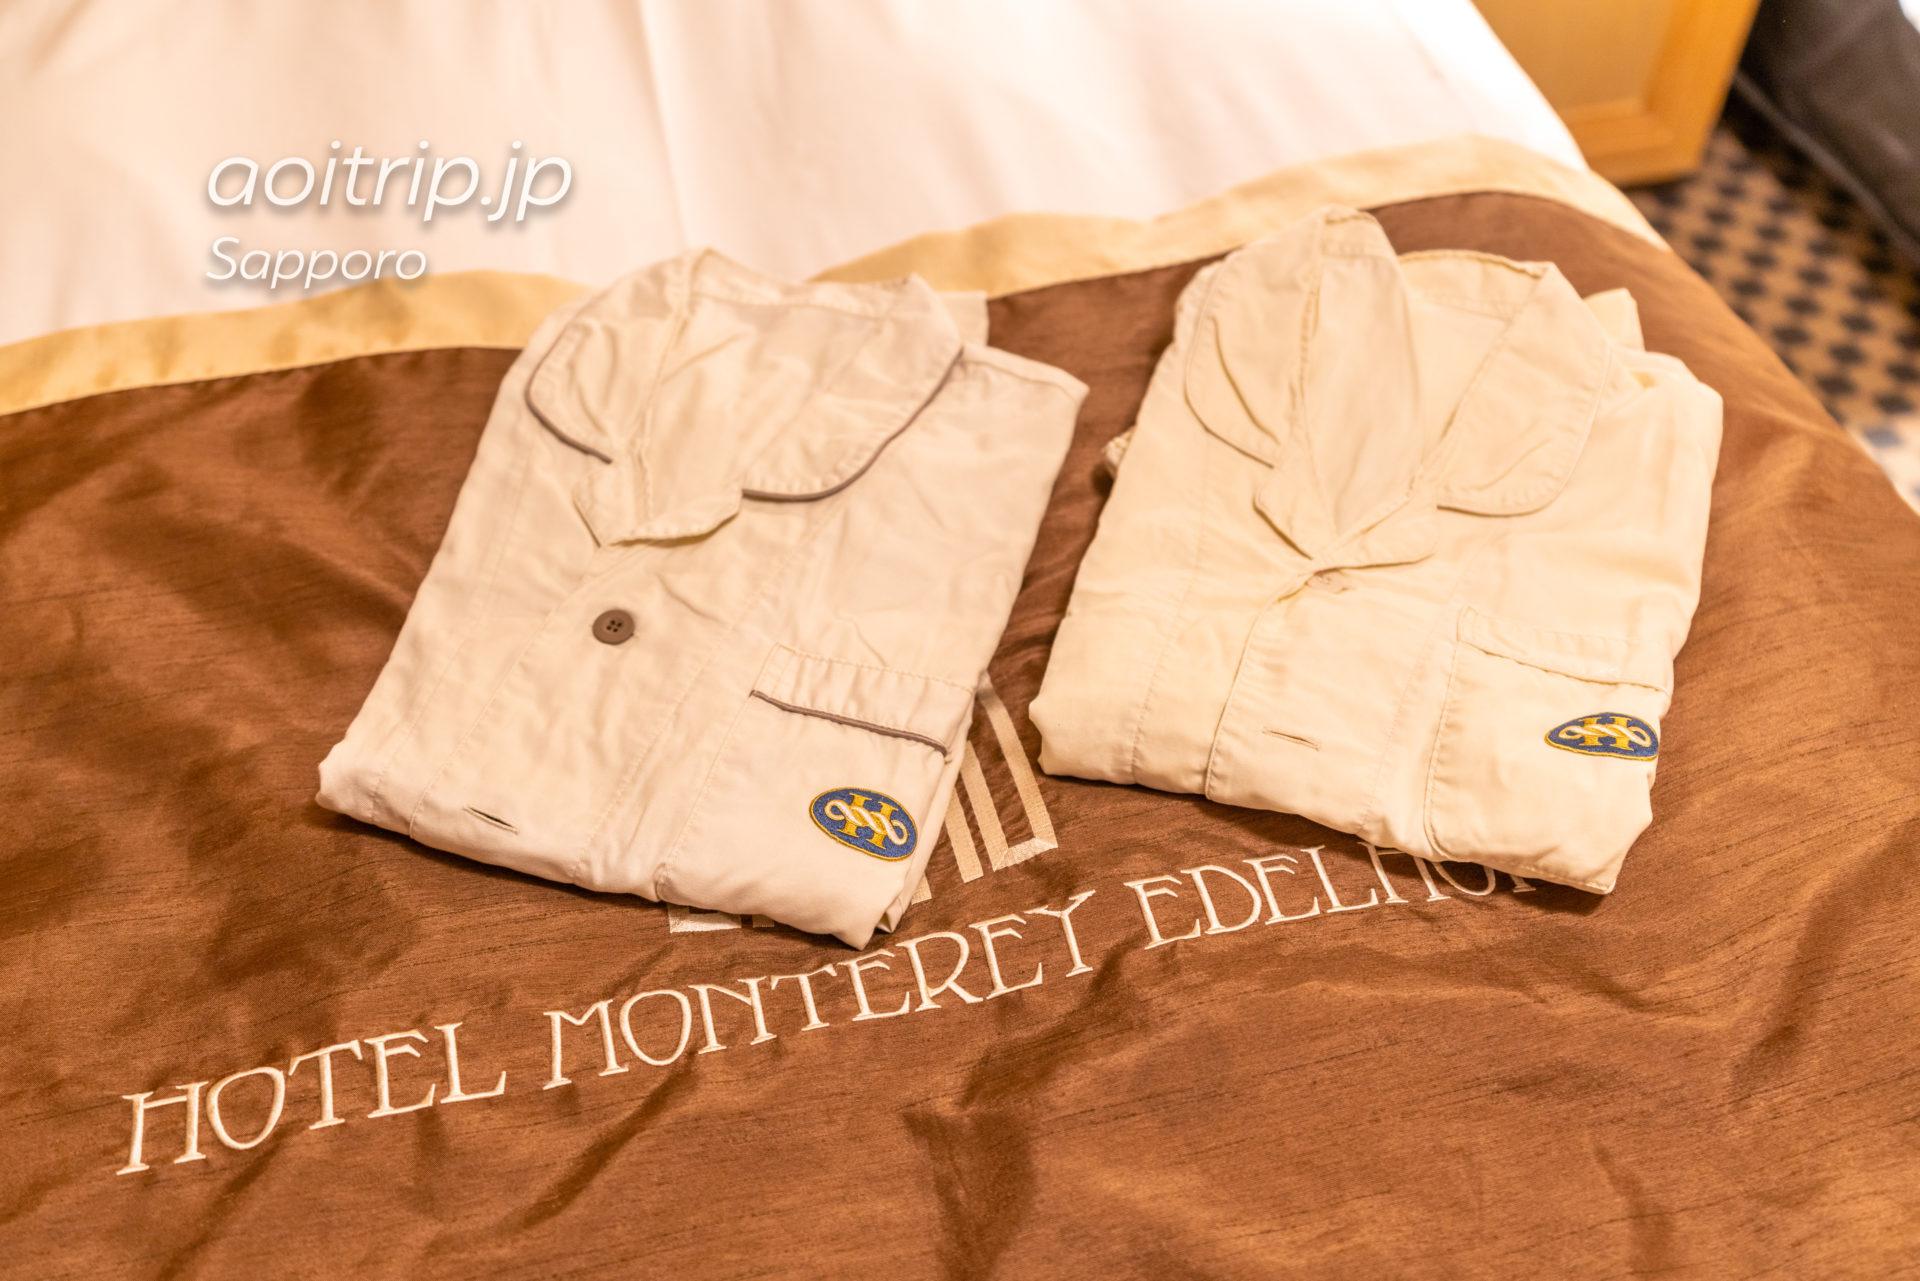 ホテル モントレ エーデルホフ札幌の部屋着(パジャマ)